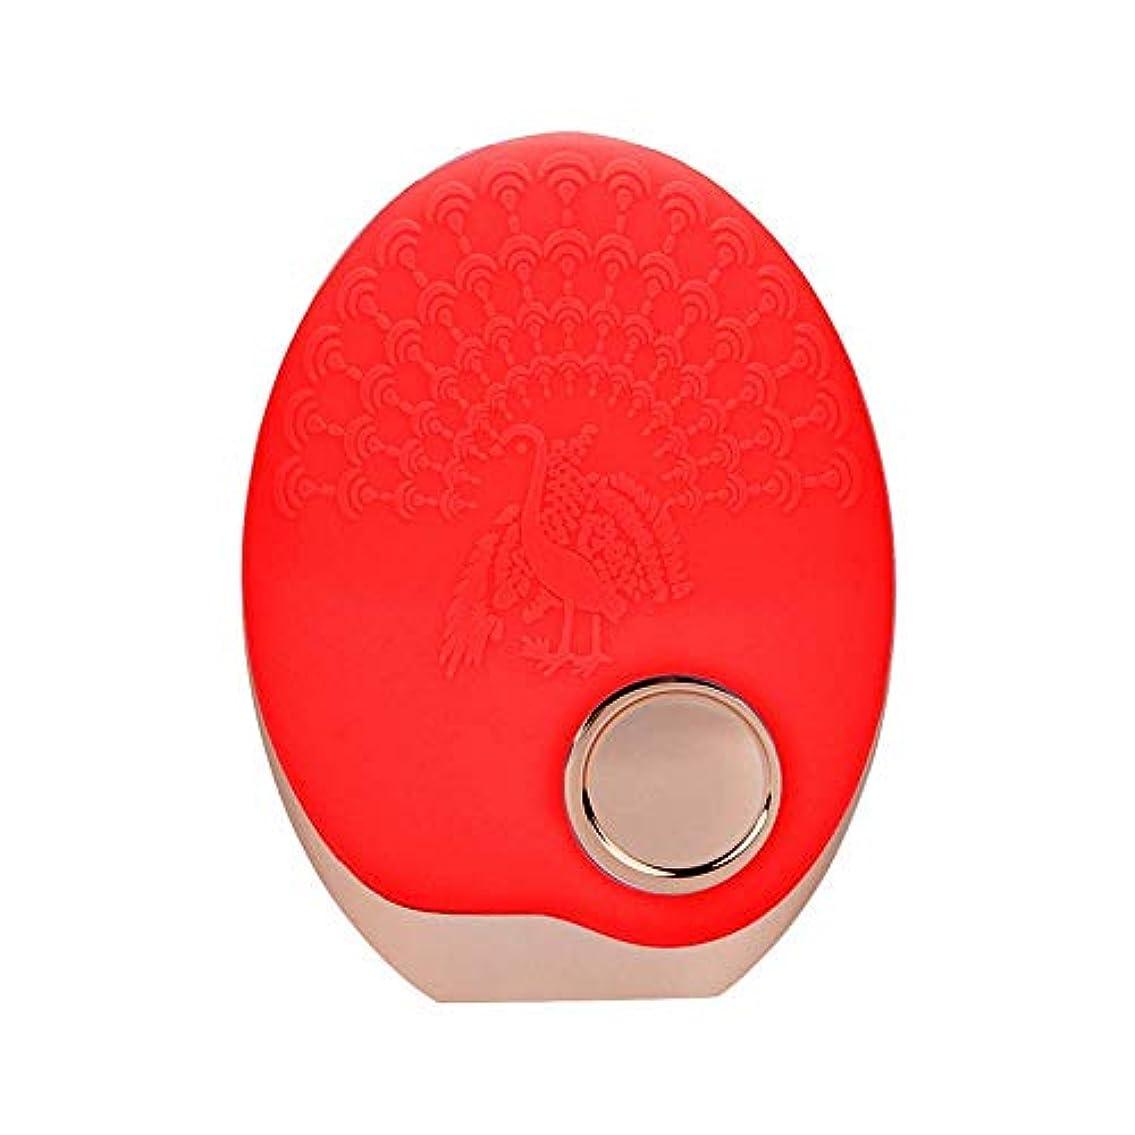 ぺディカブバーストベルトSOUTHTECH 光子活性化クレンジング器具 顔の清潔になるブラシ、3色LEDの光子ライトが付いている超音波無線充満表面剥離のブラシのシリコーンの防水マッサージャー (赤)